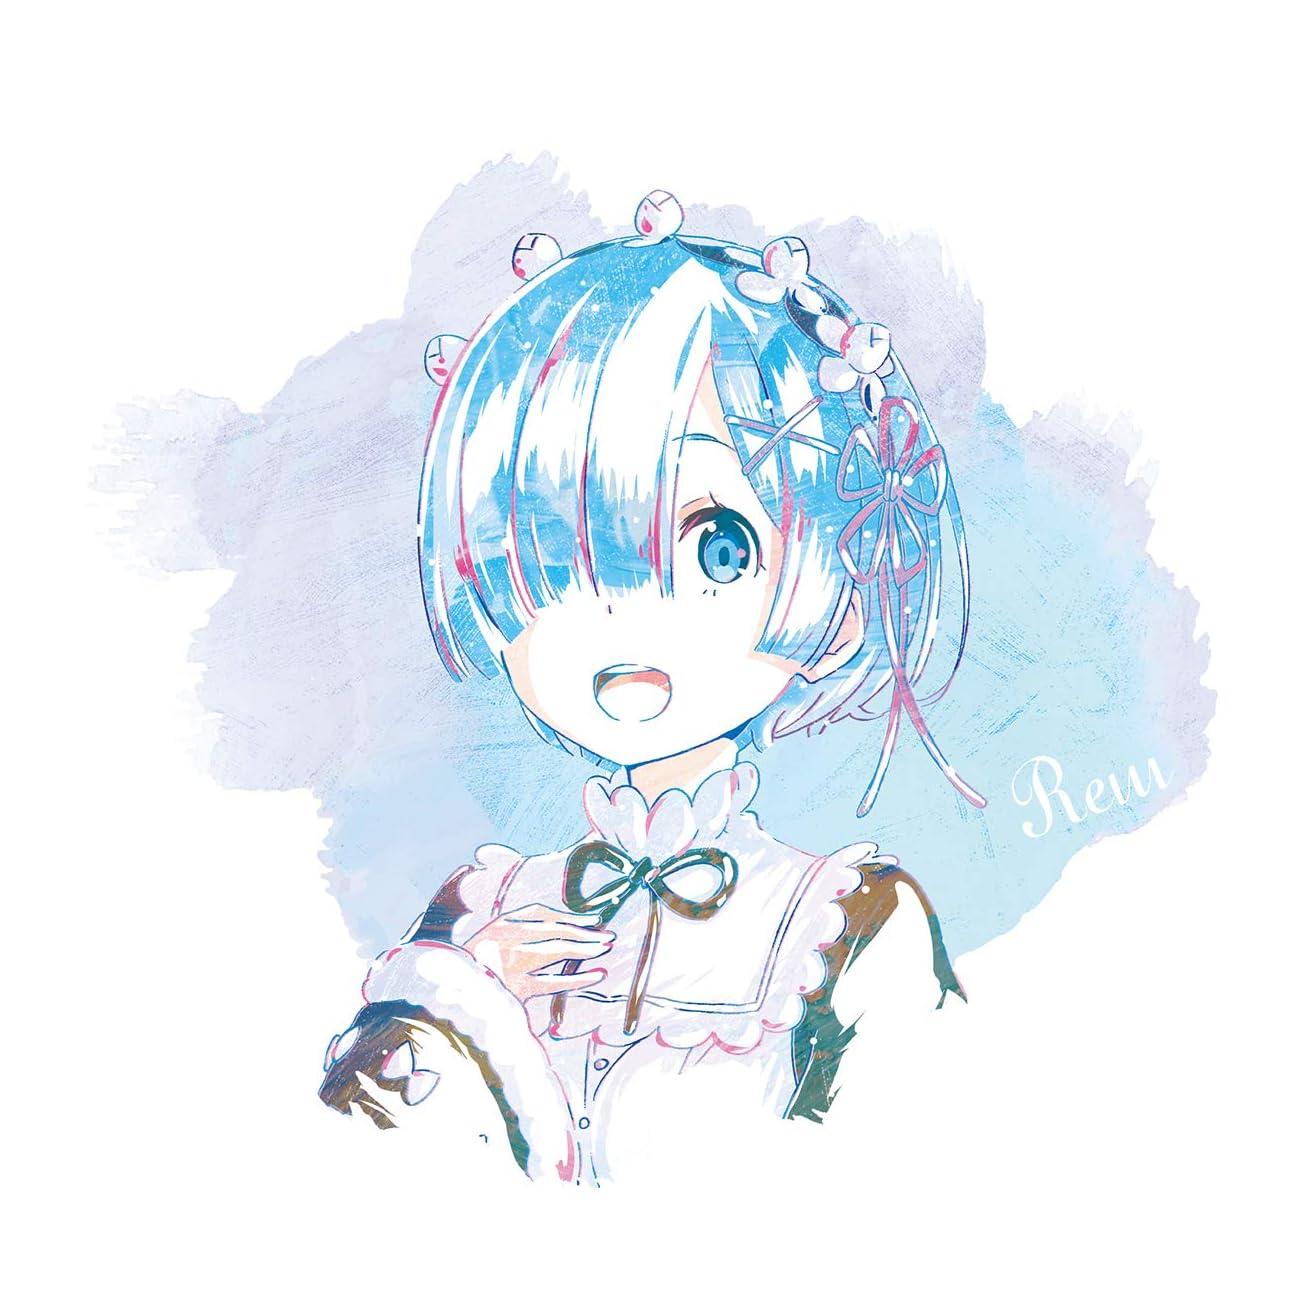 Re ゼロから始める異世界生活 Ipad壁紙 レム アニメ スマホ用画像121846